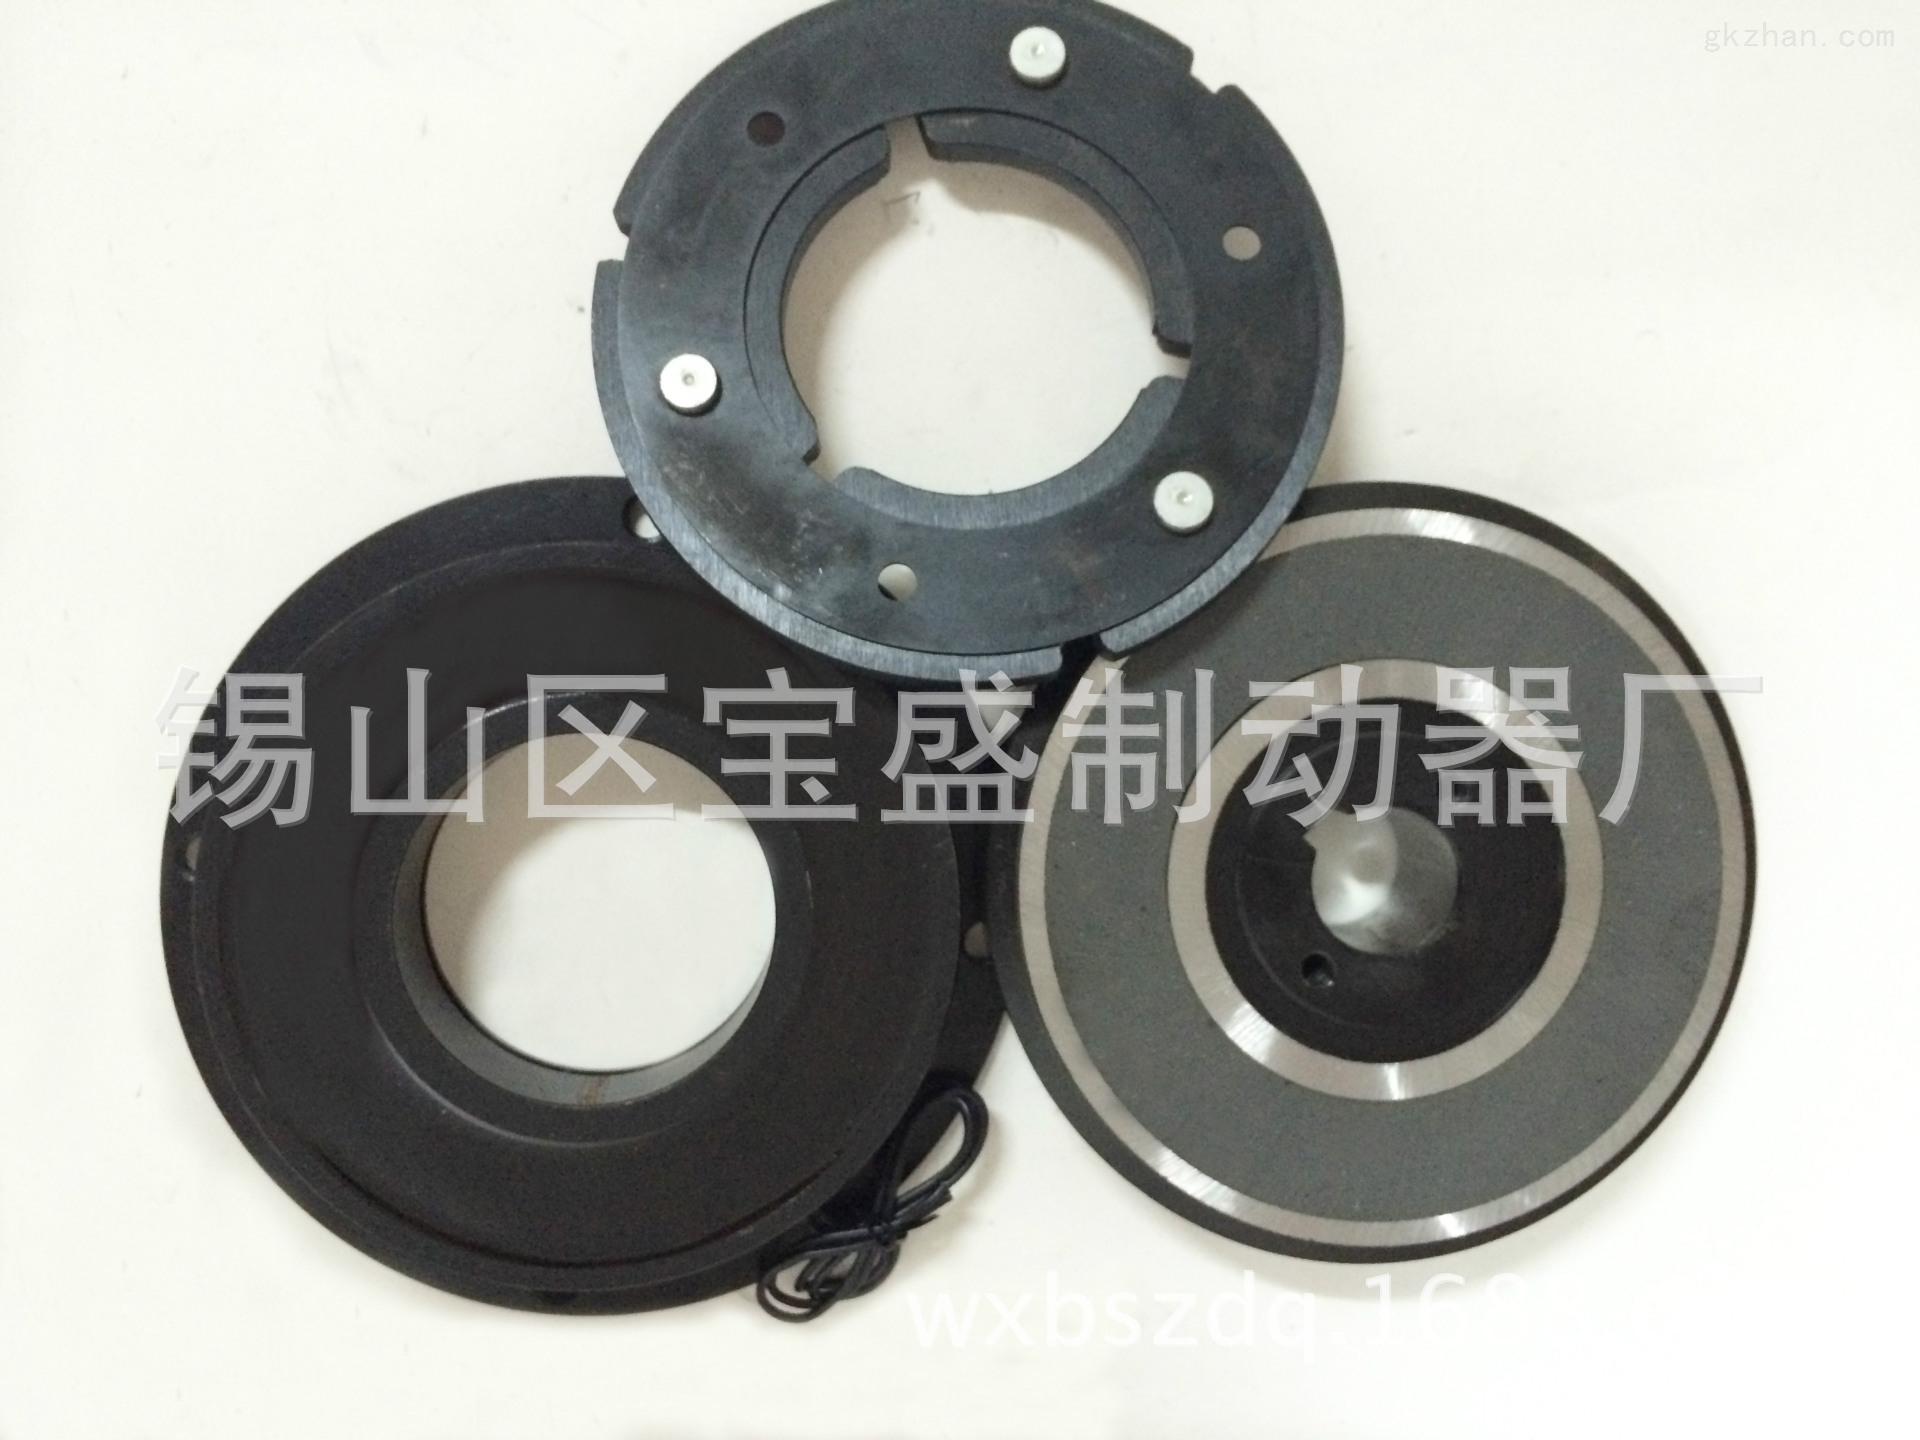 厂家直销高品质DLD2-40单片干式电磁离合器24v电机离合器